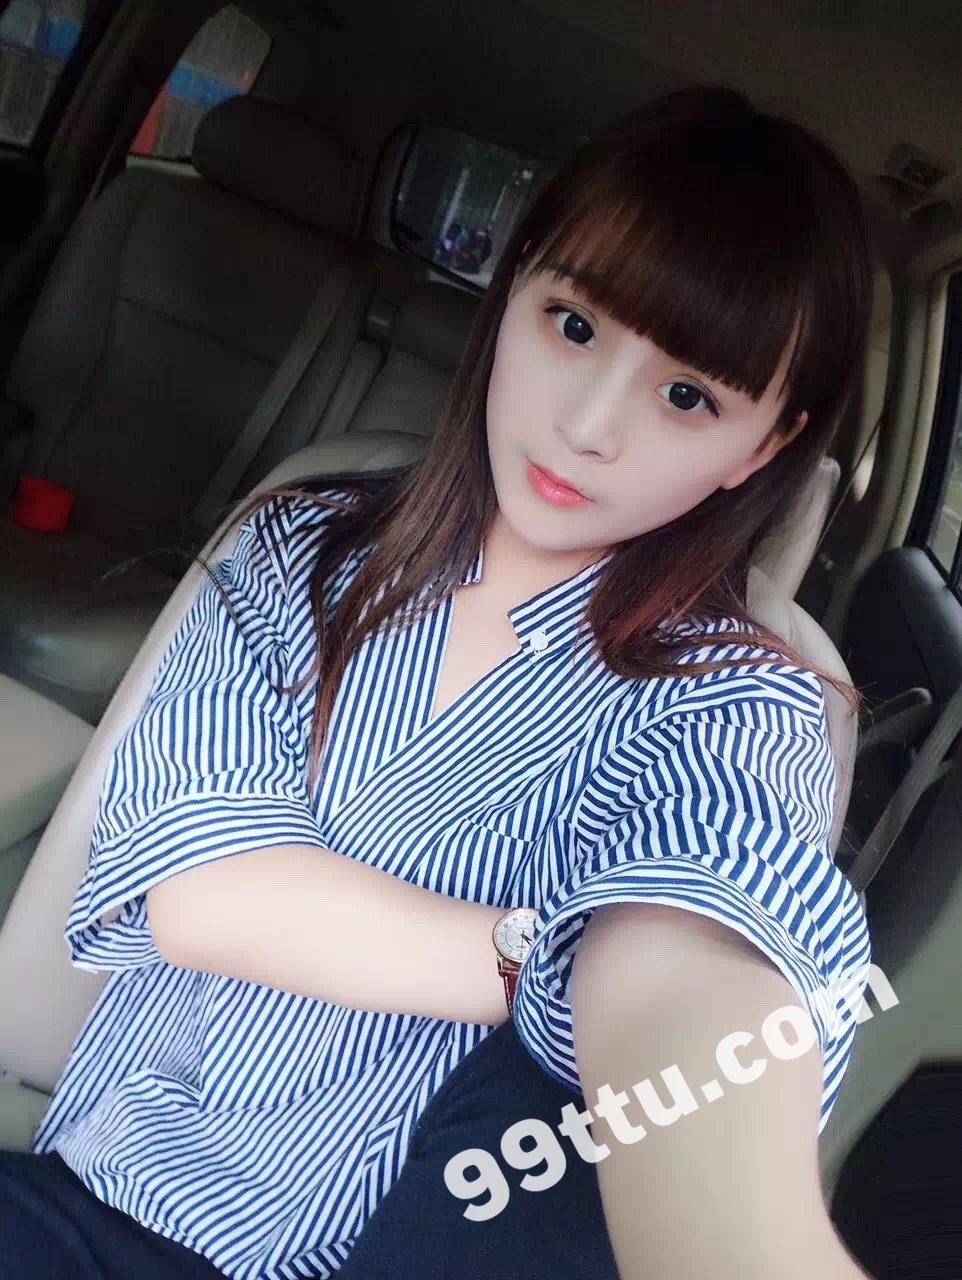 KK61_310张图+69视频 时尚可爱真实美女生活照-11